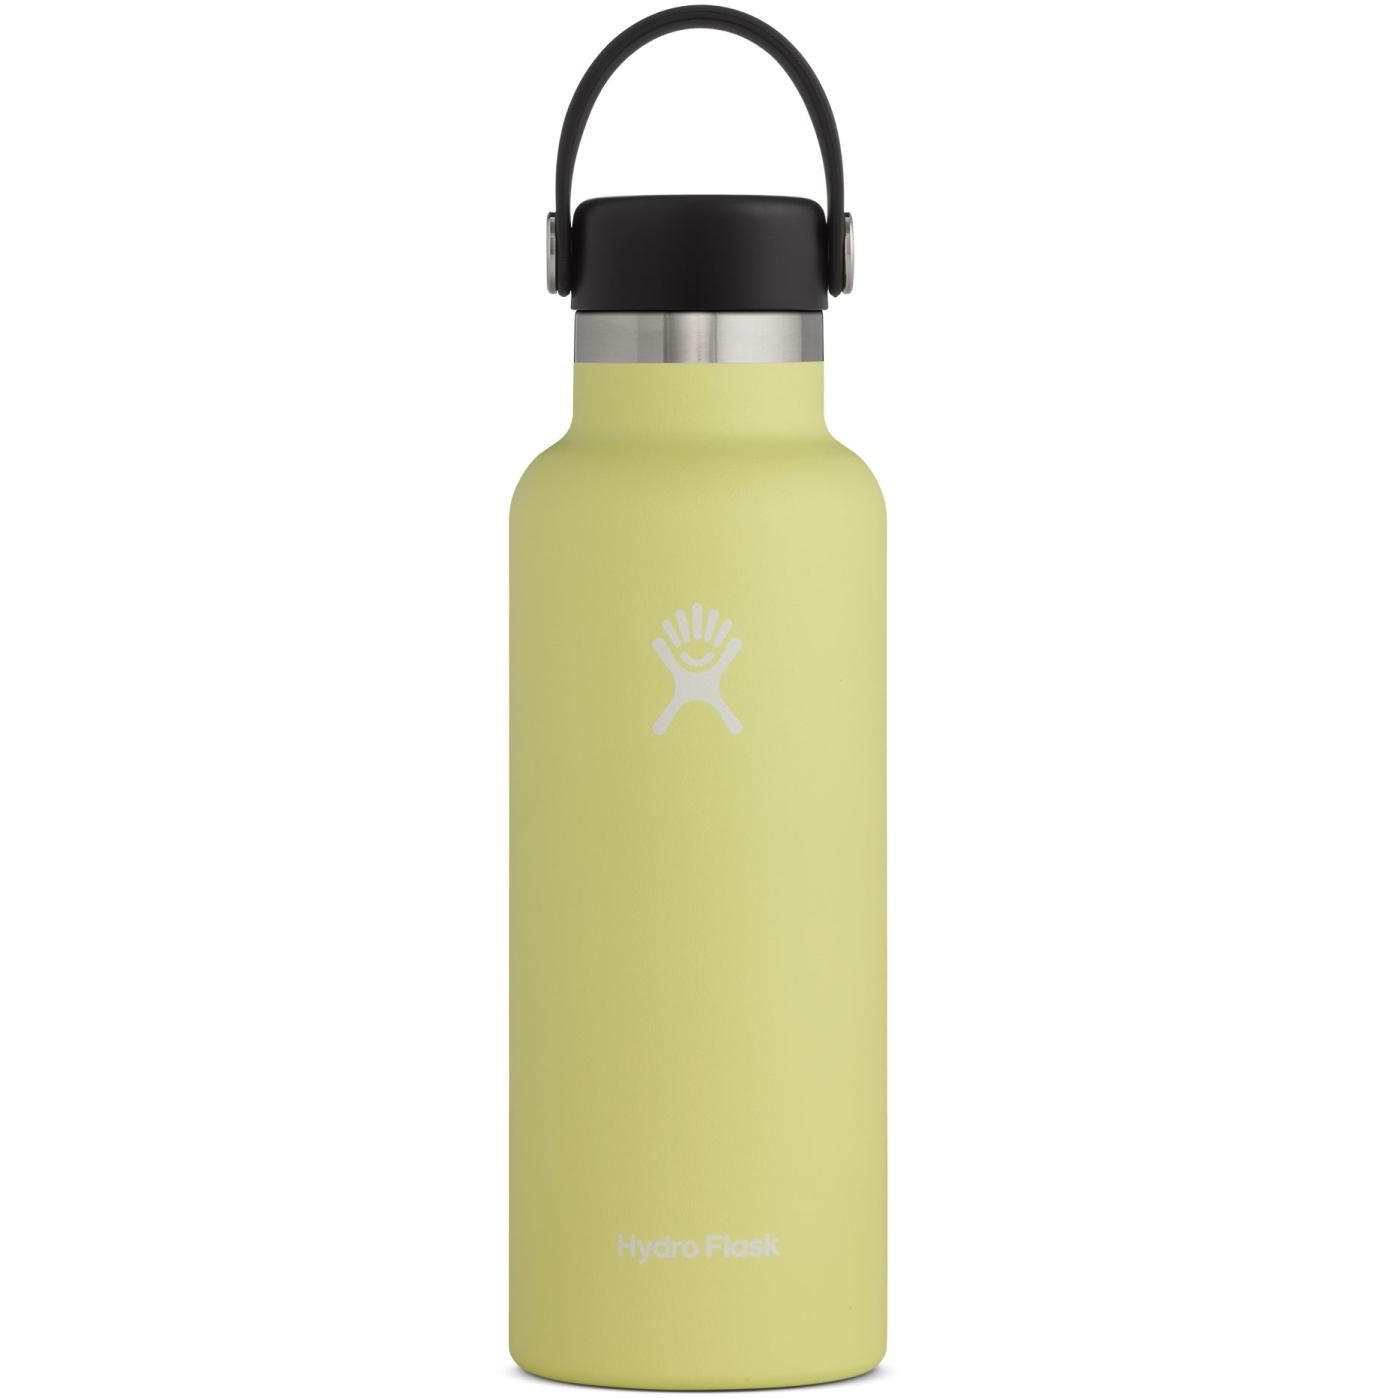 Produktbild von Hydro Flask 18oz Standard Mouth Flex Cap Thermoflasche - 532ml - Pineapple